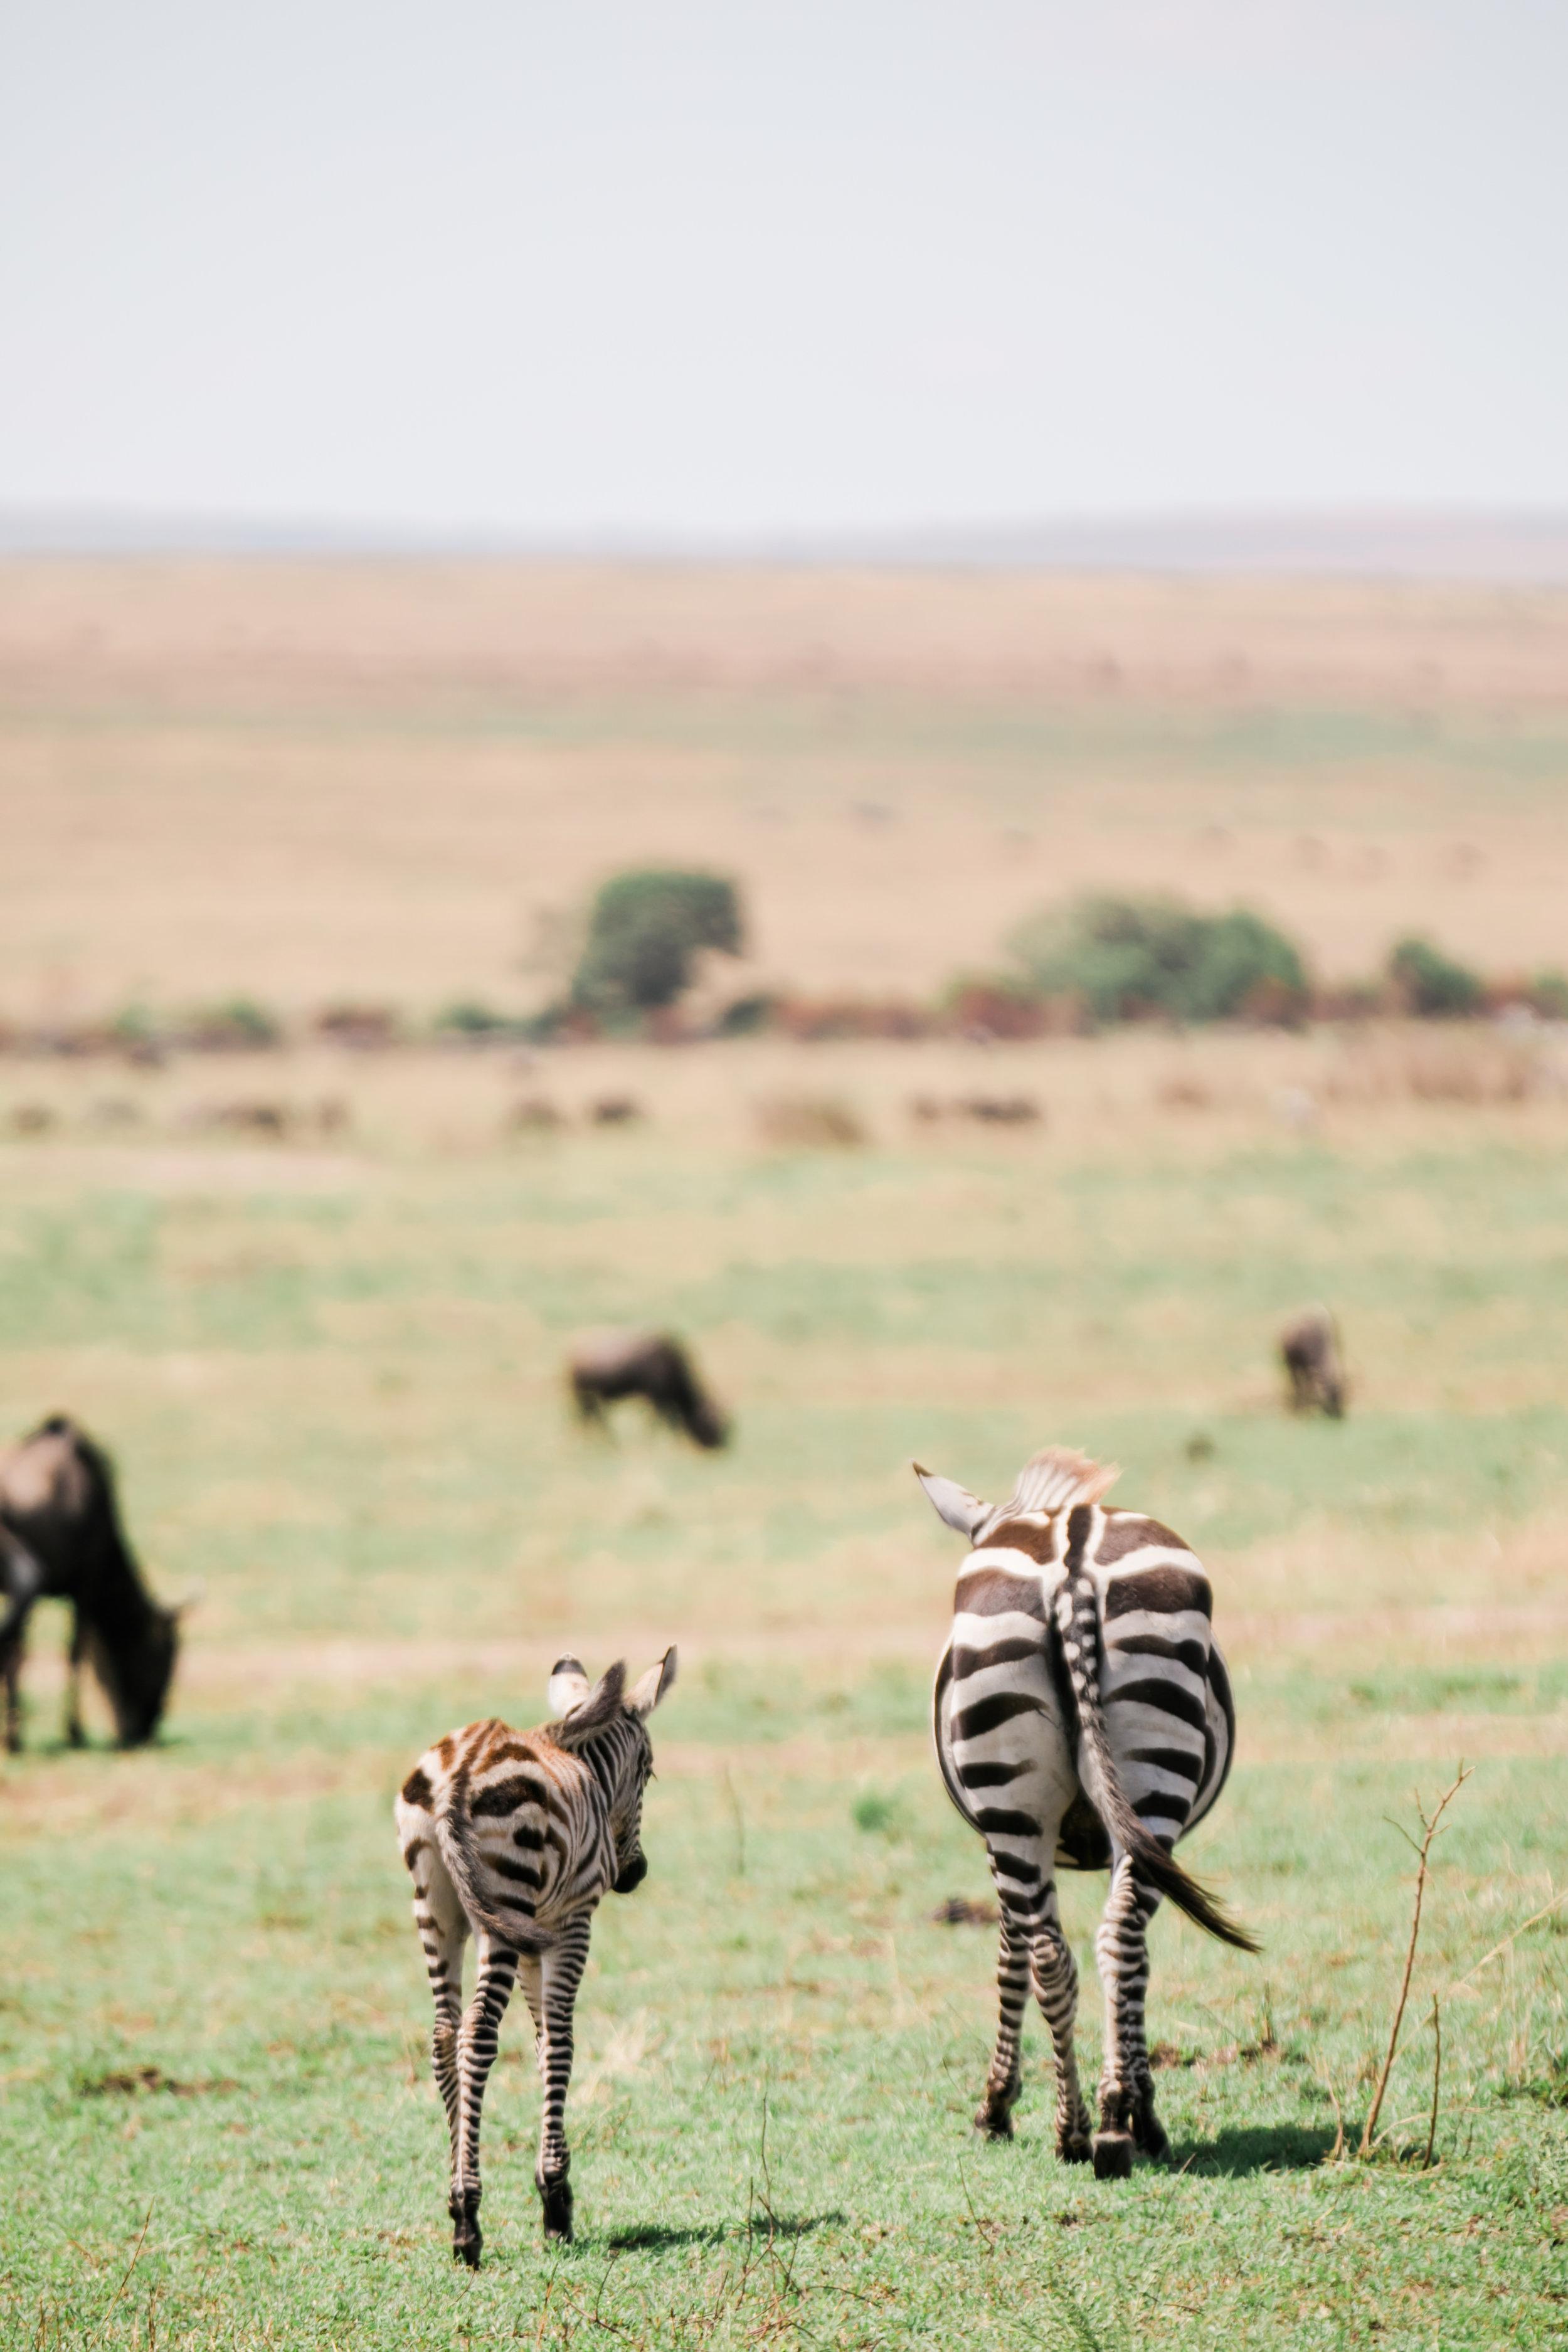 Baby Zebra Spotting on Safari Ph - Valorie Darling